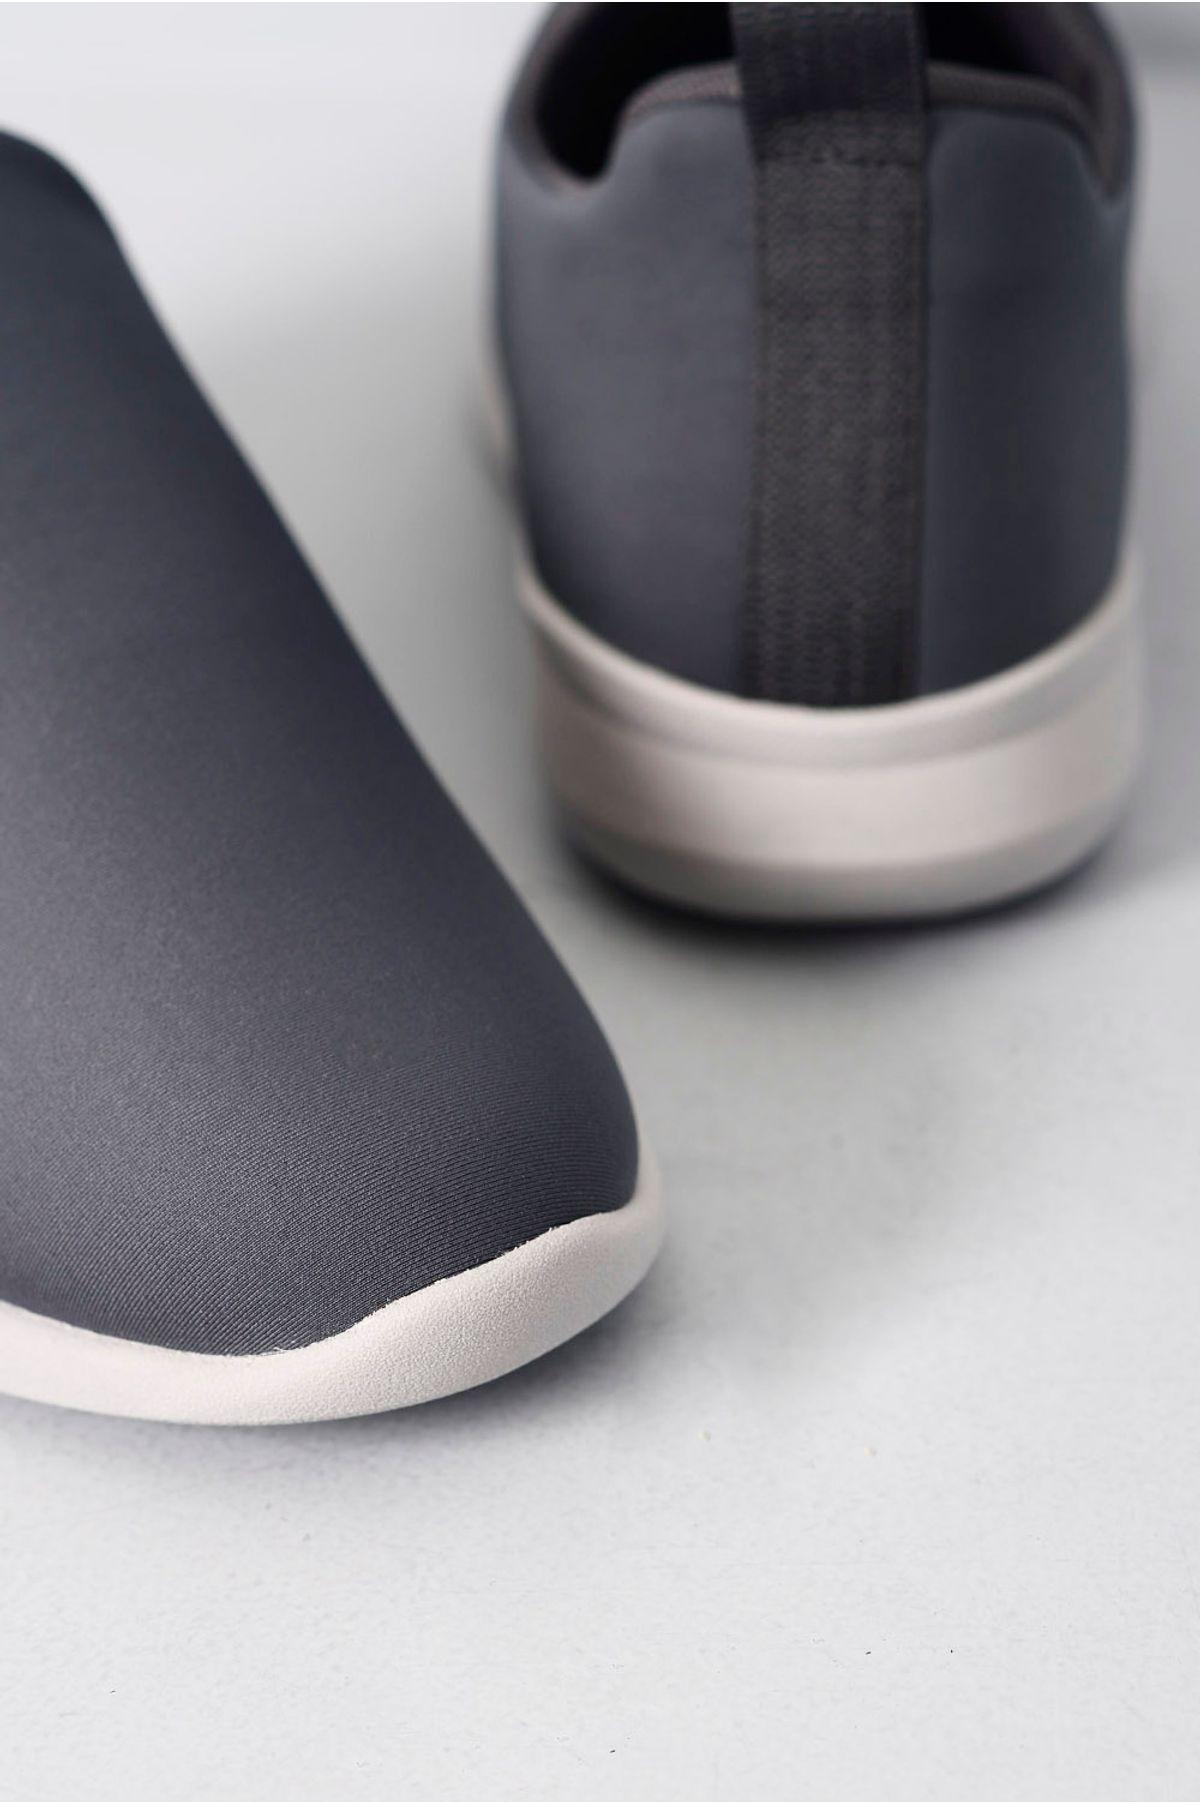 0decb0415 Sapatênis Masculino Lycra Usaflex CINZA - Mundial Calçados